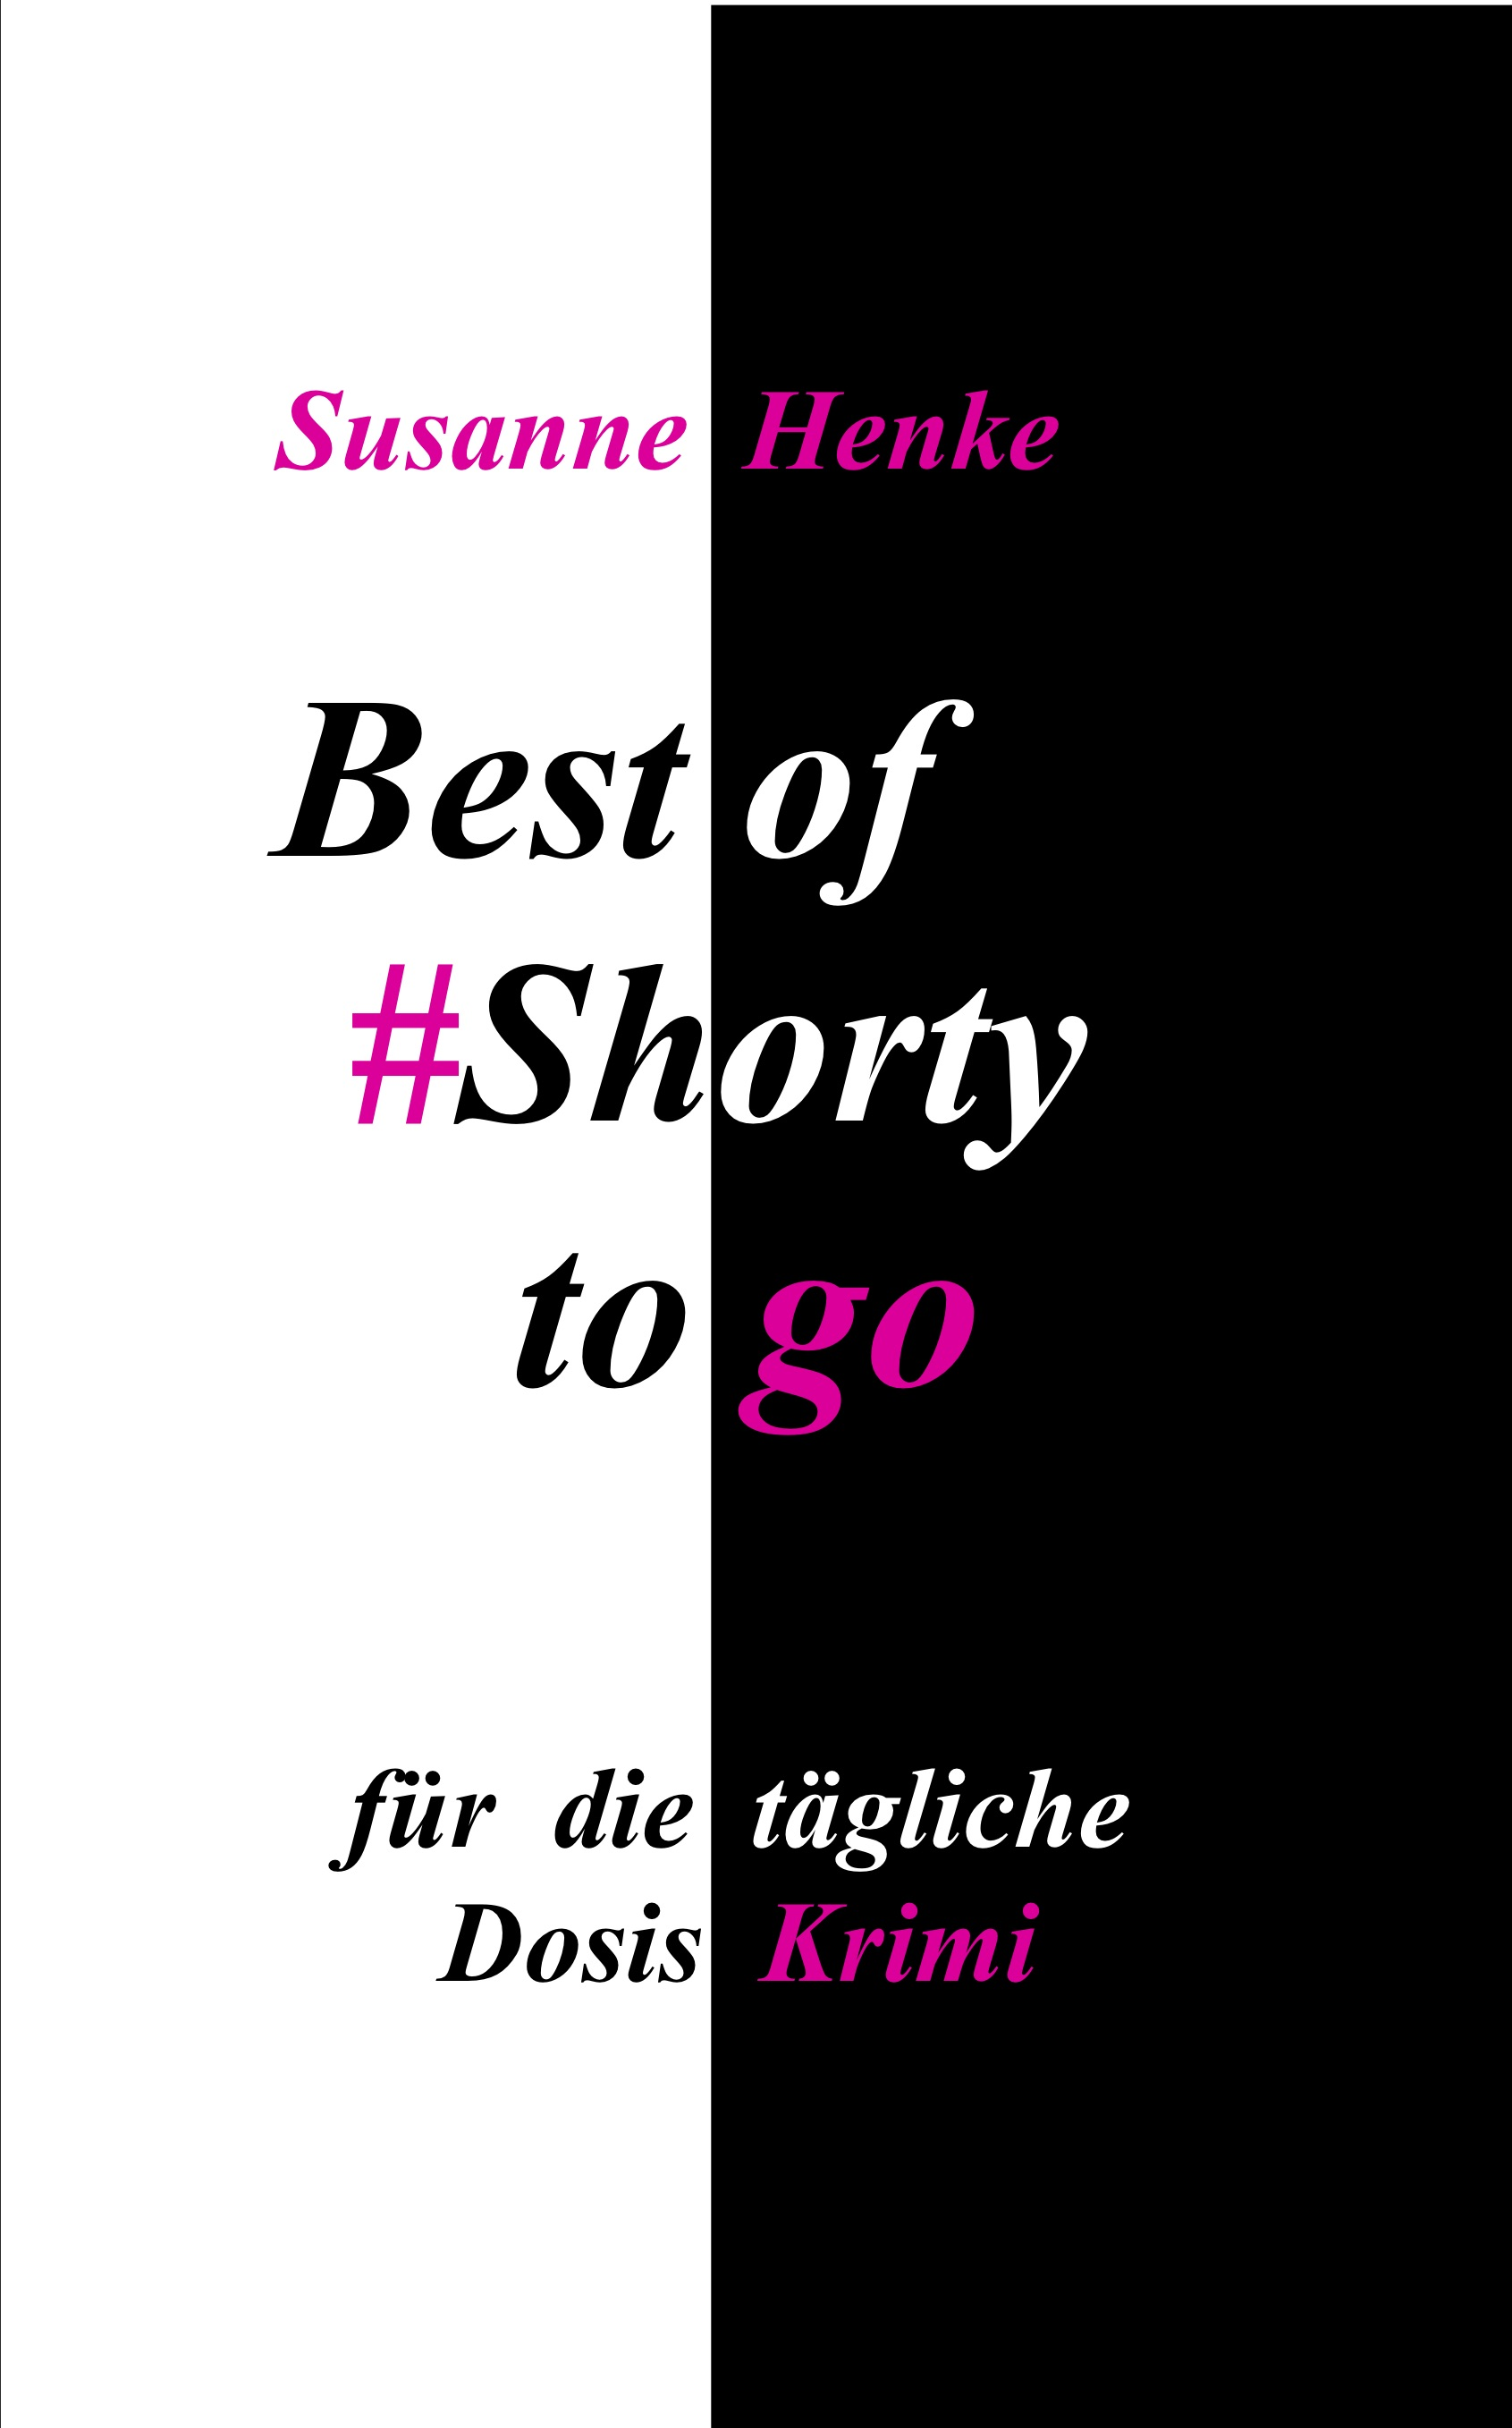 Best of Shorty to go - für die tägliche Dosis Krimi | Freie-Pressemitteilungen.de